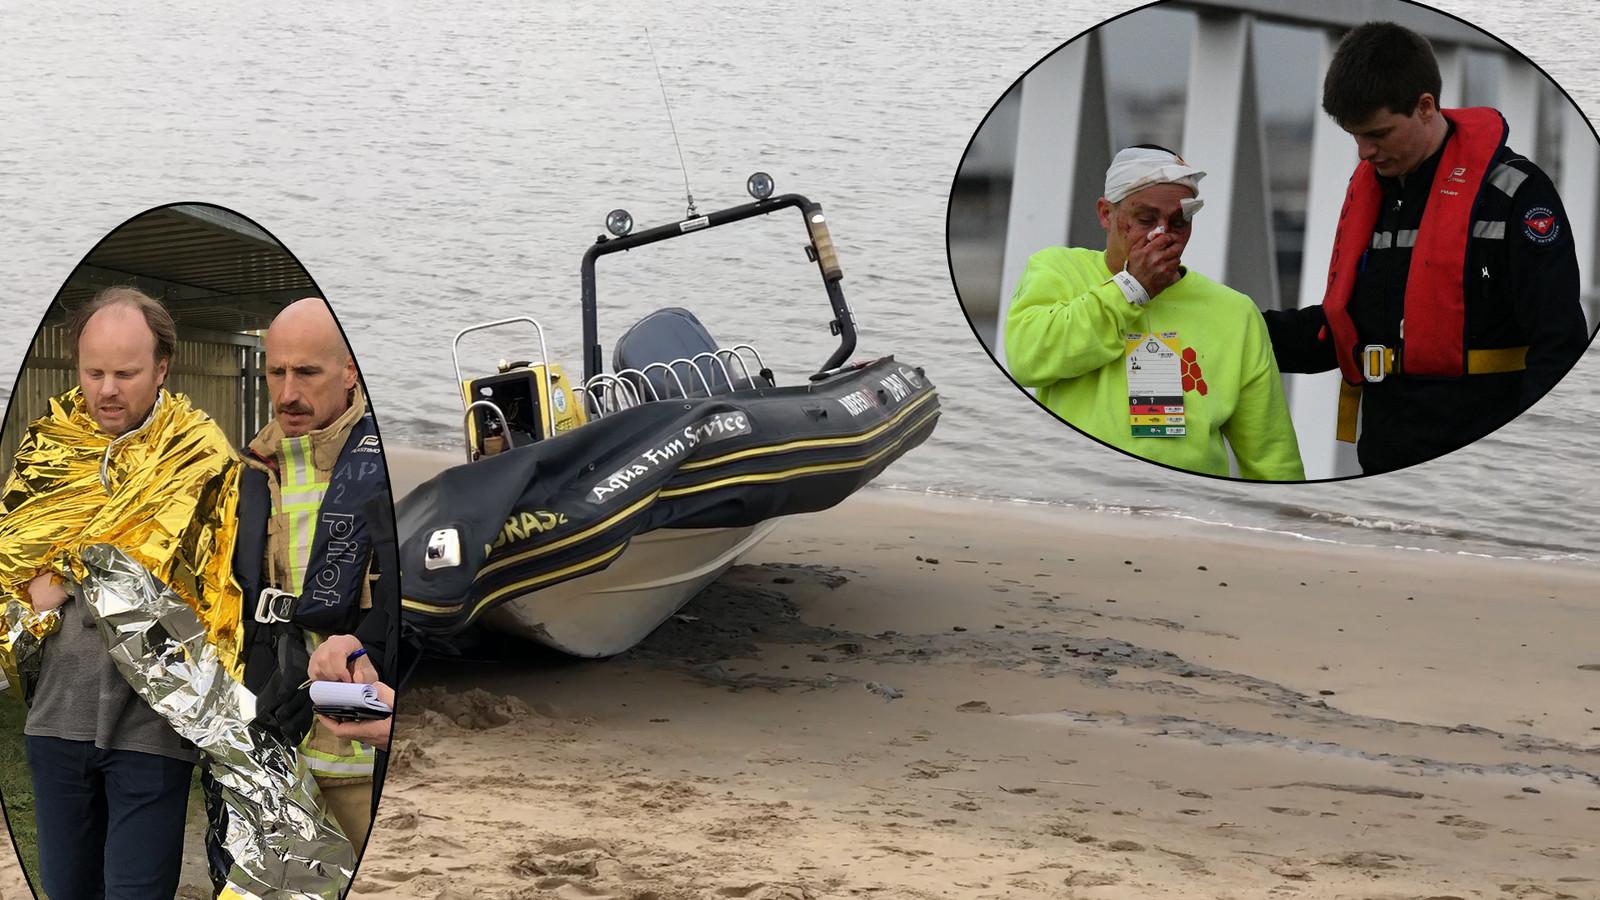 Een van de twee bootjes waarmee het ongeval gebeurde met gewonden die medische bijstand krijgen.